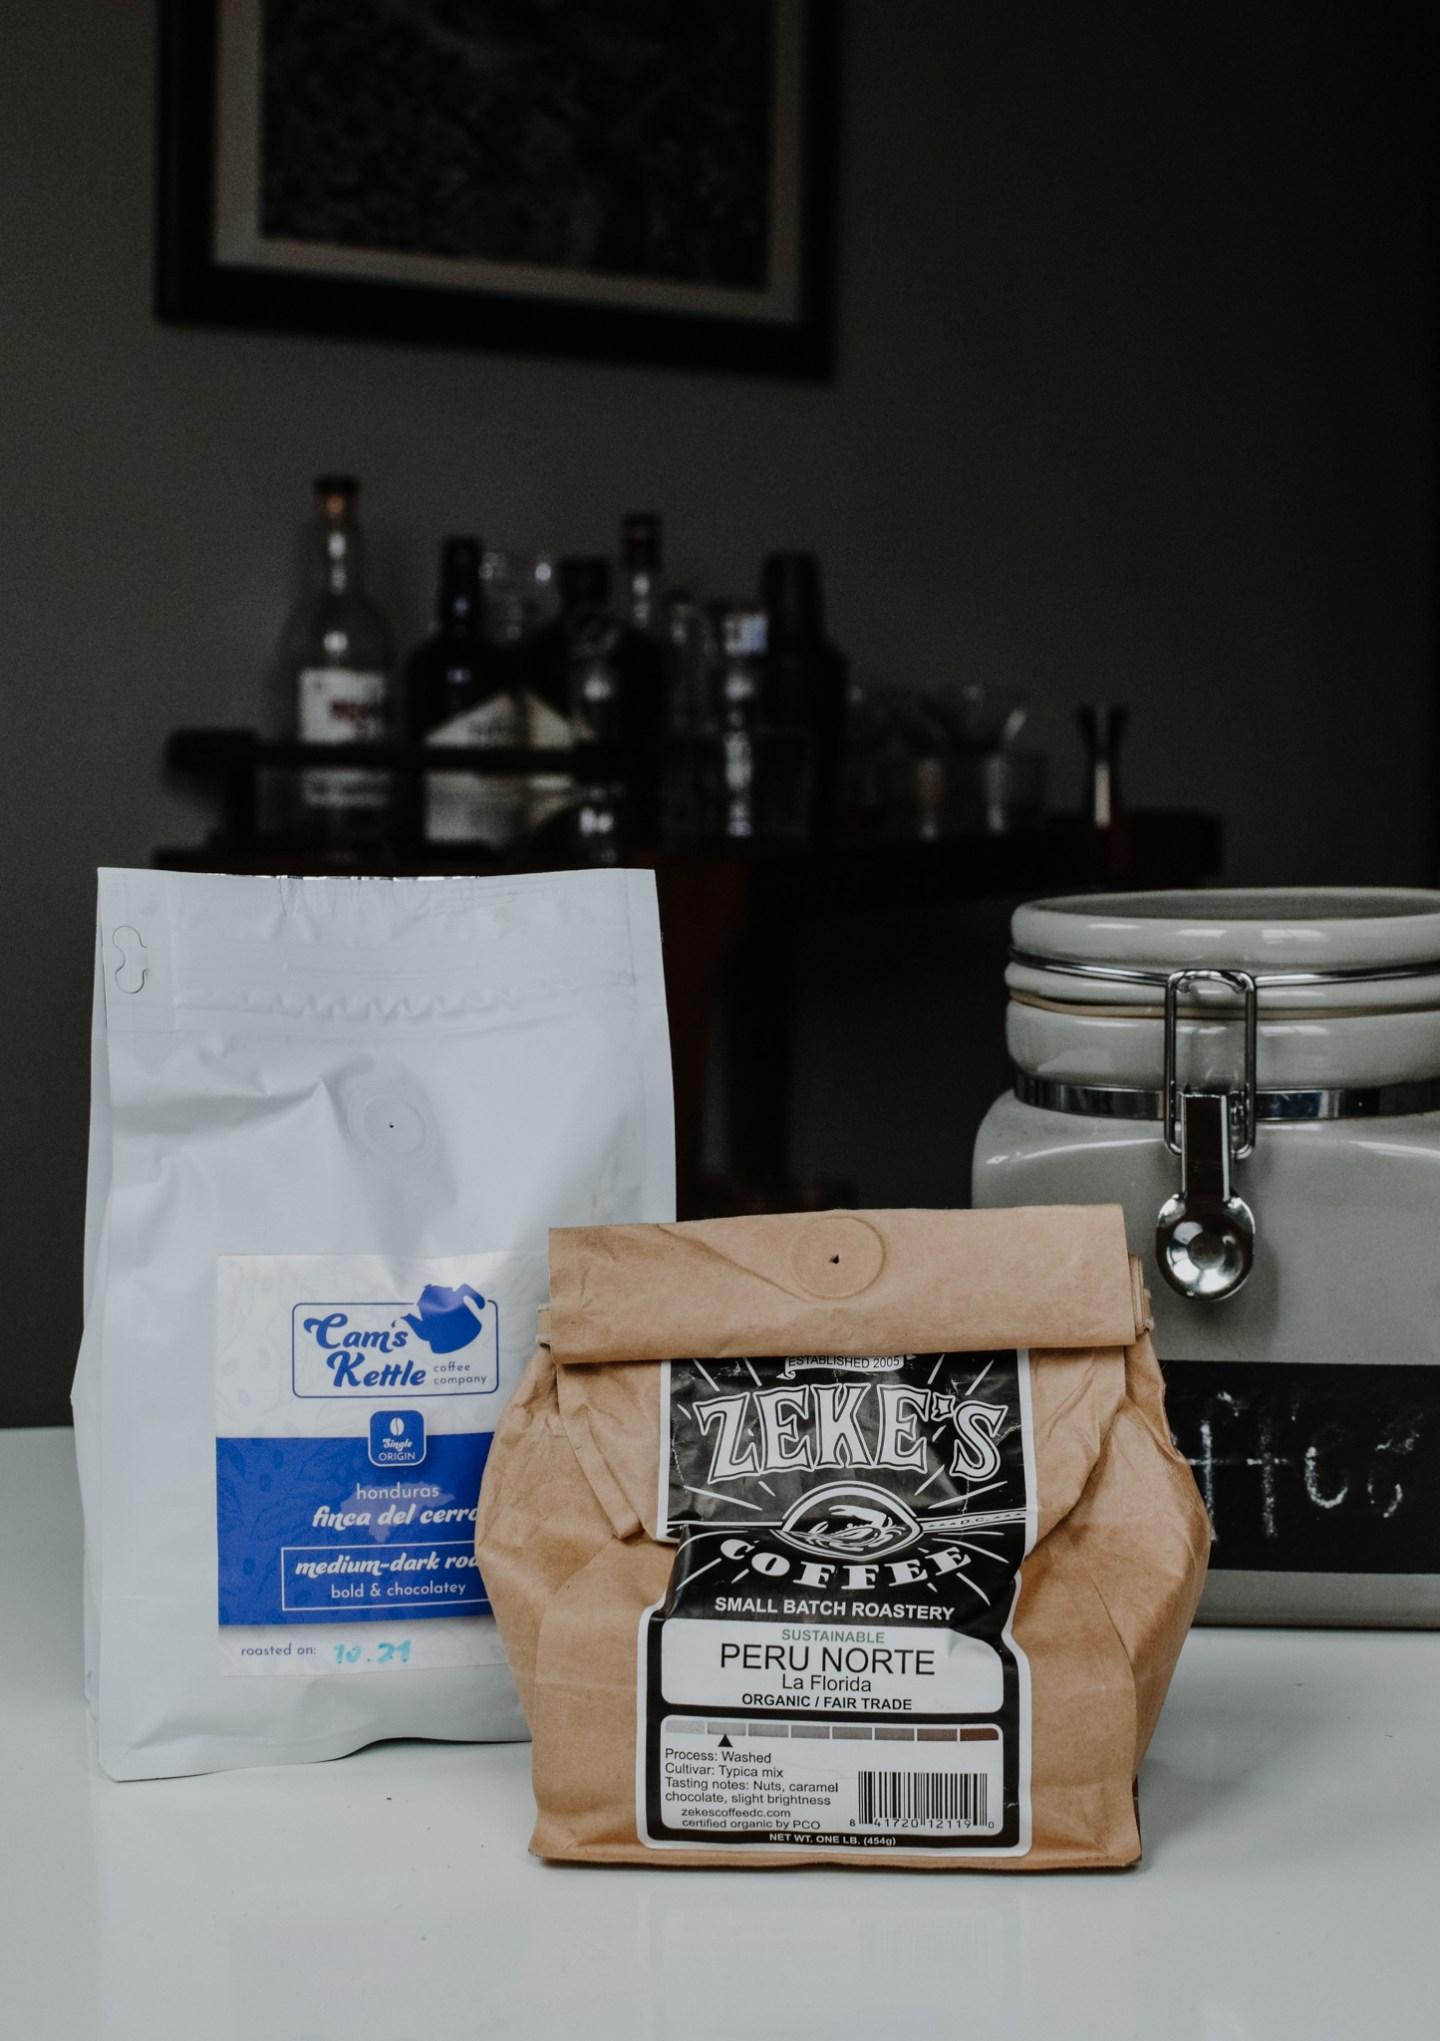 best coffee roaster in dc - cam's kettle dc - zeke's coffee dc